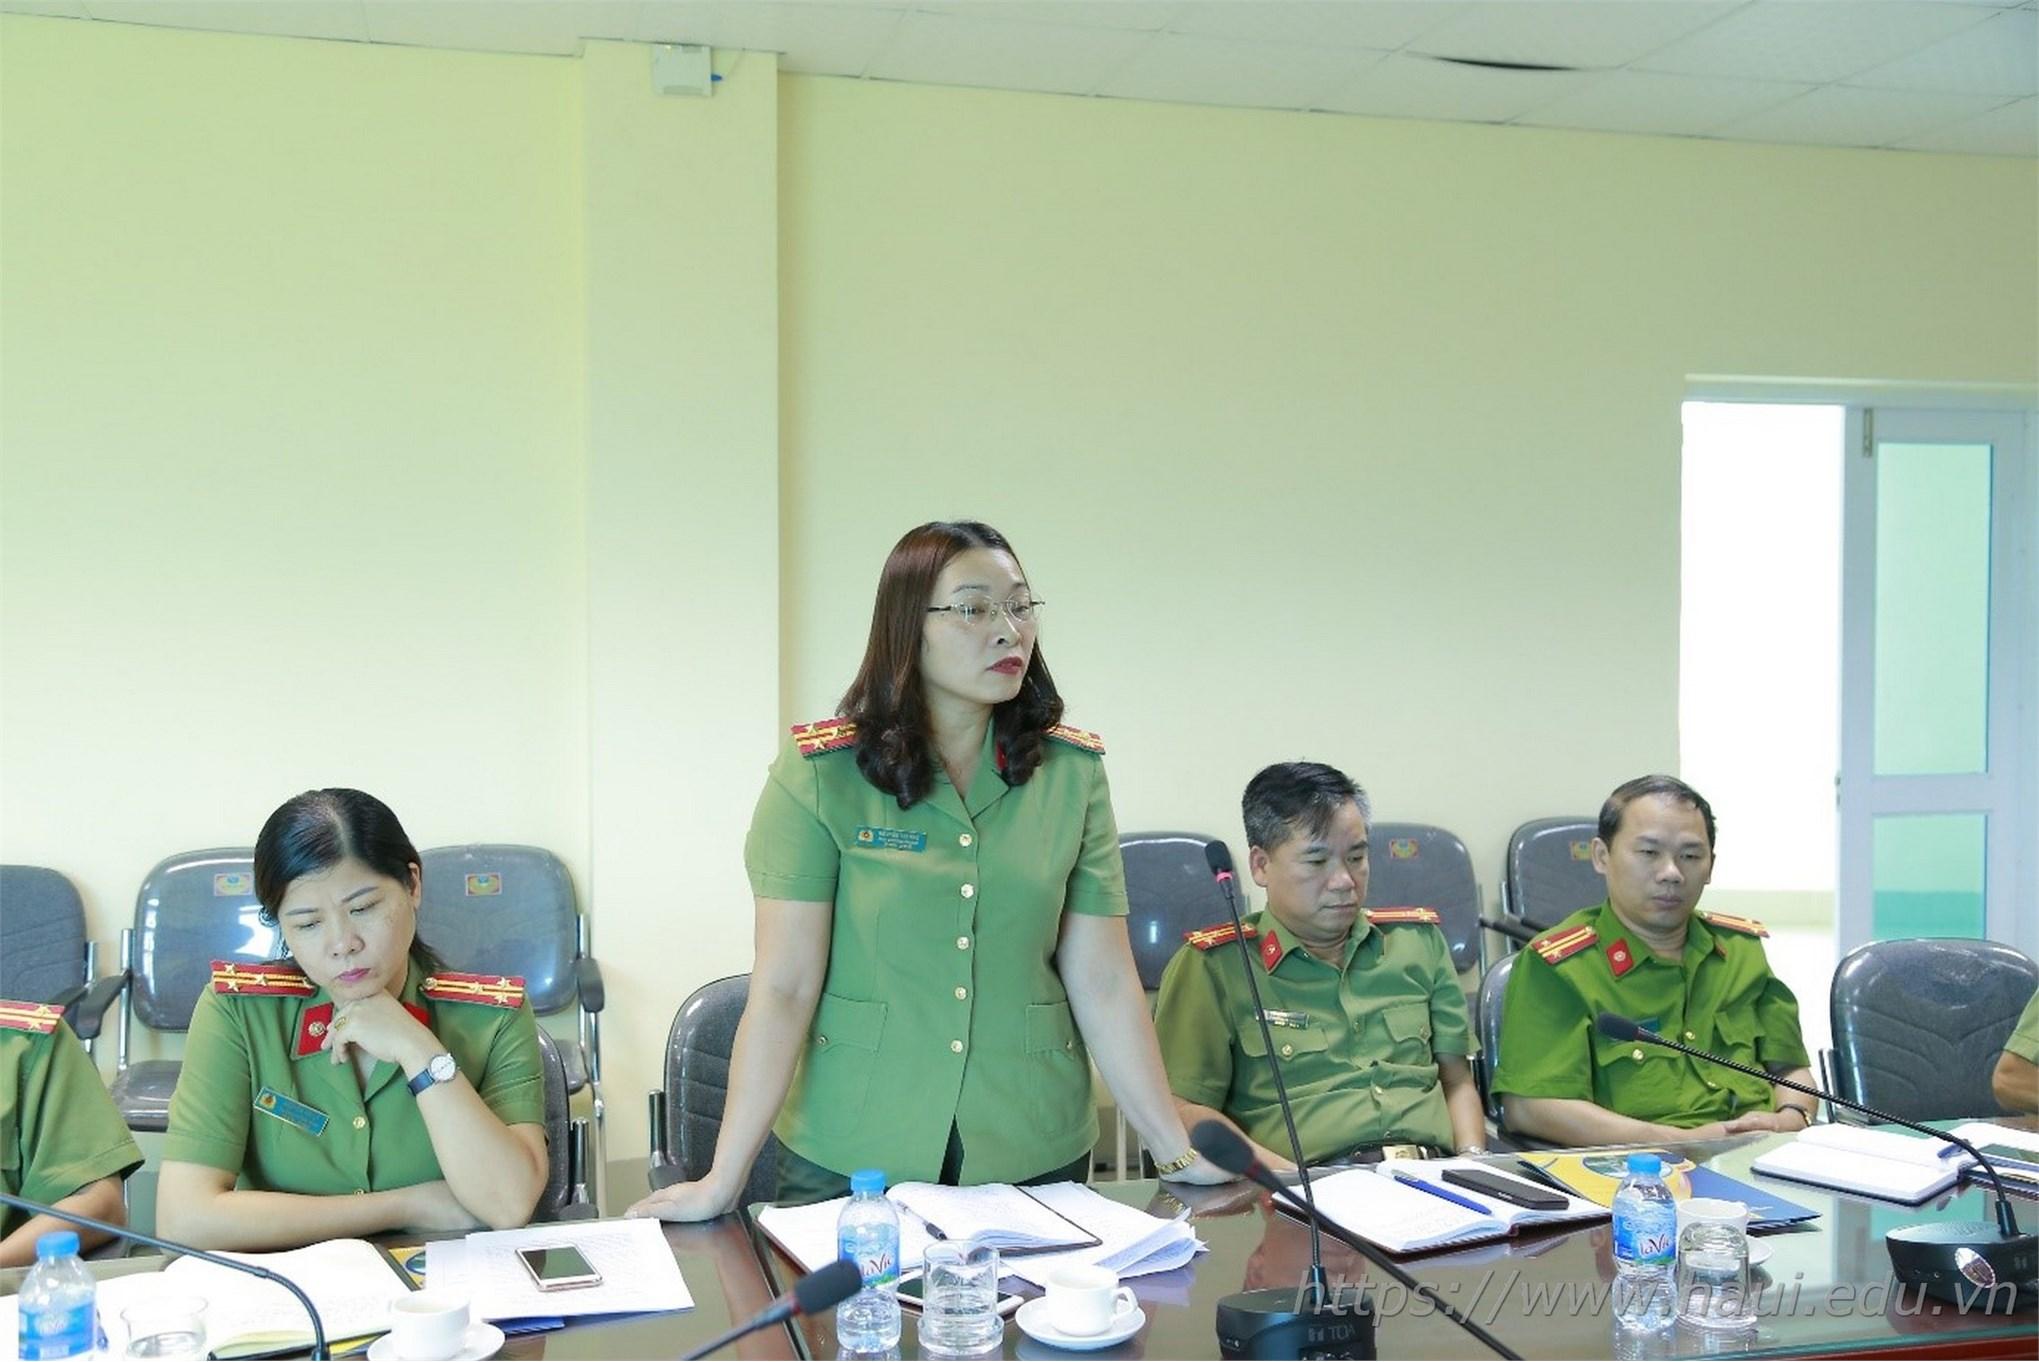 """Đại học Công nghiệp Hà Nội tổng kết công tác đảm bảo ANTT năm học 2018 - 2019 và Sơ kết thực hiện mô hình """"Trung tâm KTX đảm bảo về ANTT, không tệ nạn xã hội"""""""